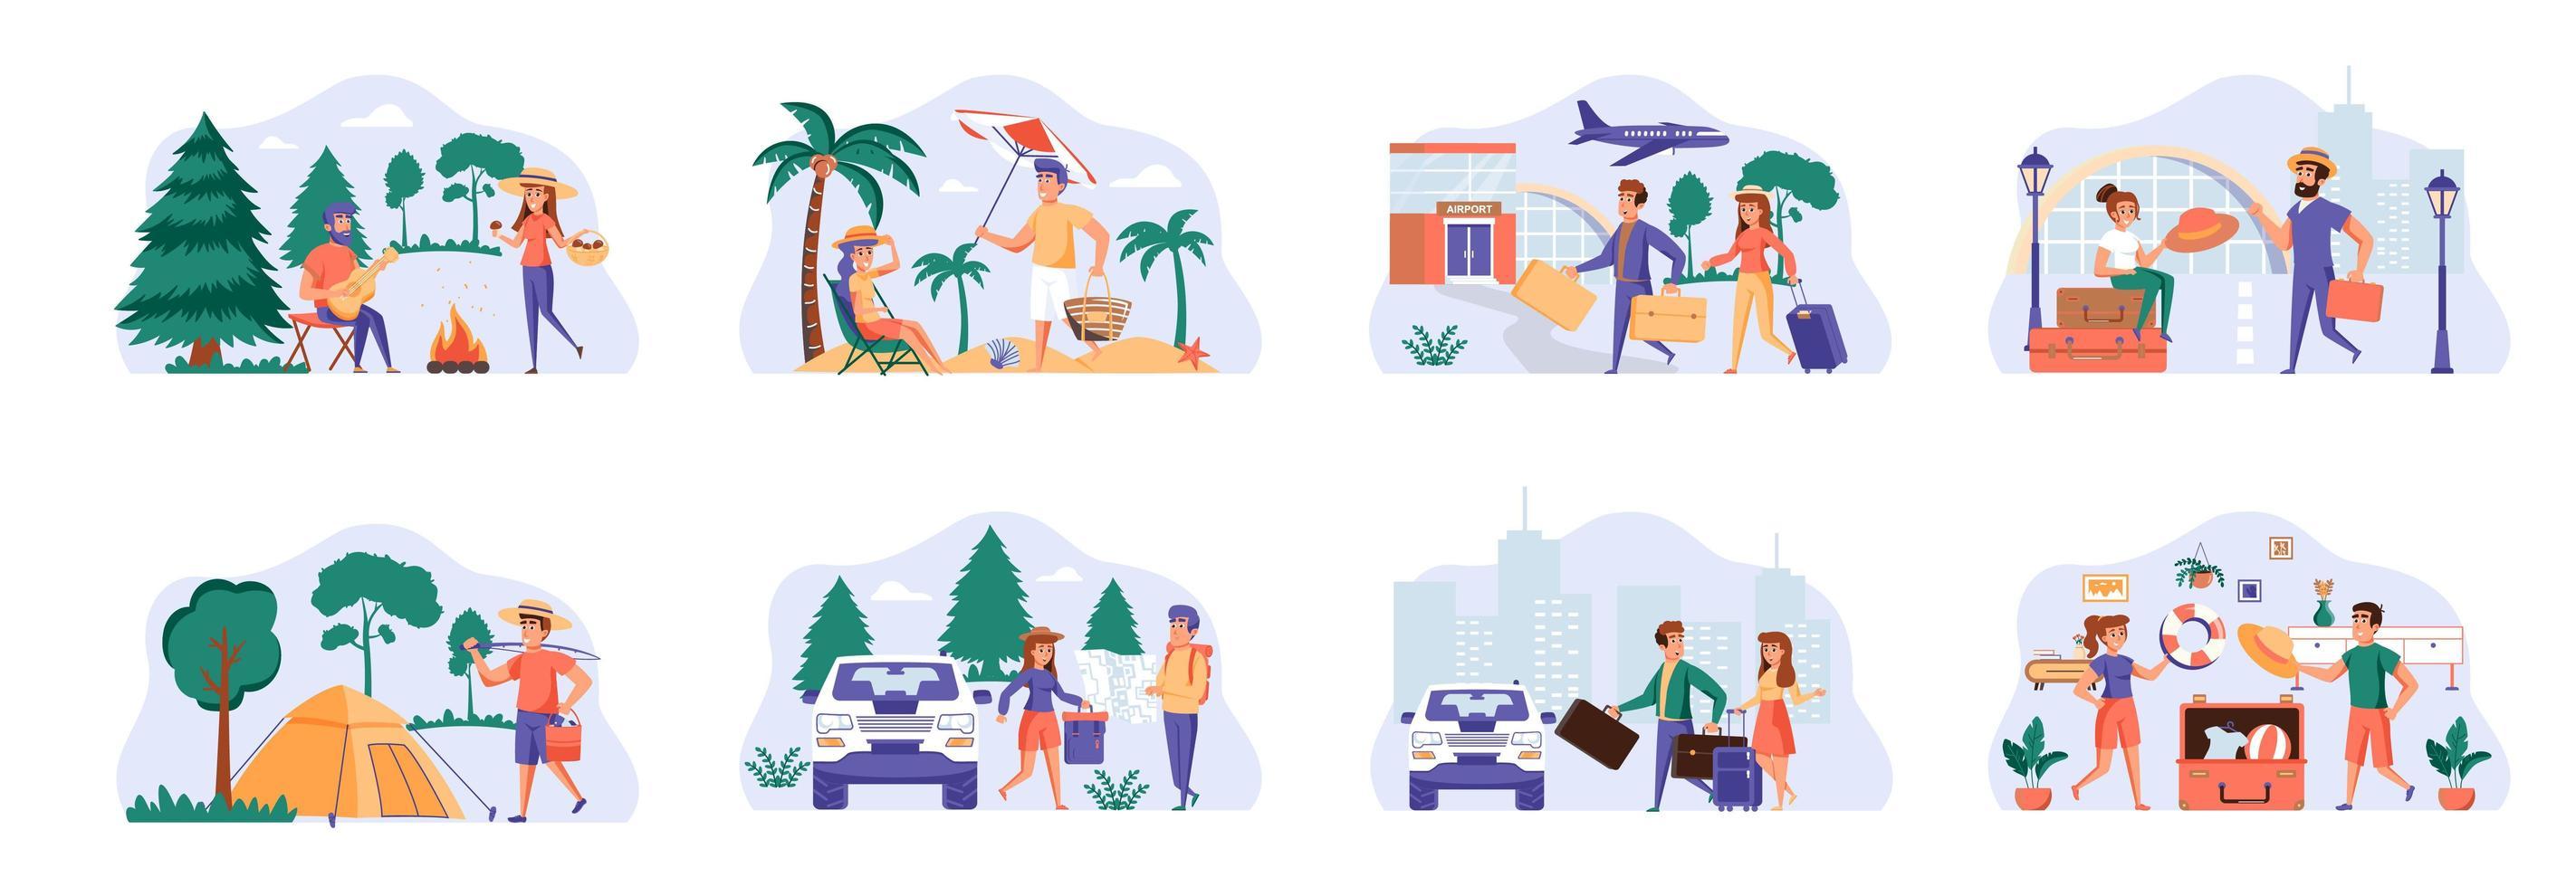 pacchetto di scene di viaggio vacanza con personaggi di persone. vettore